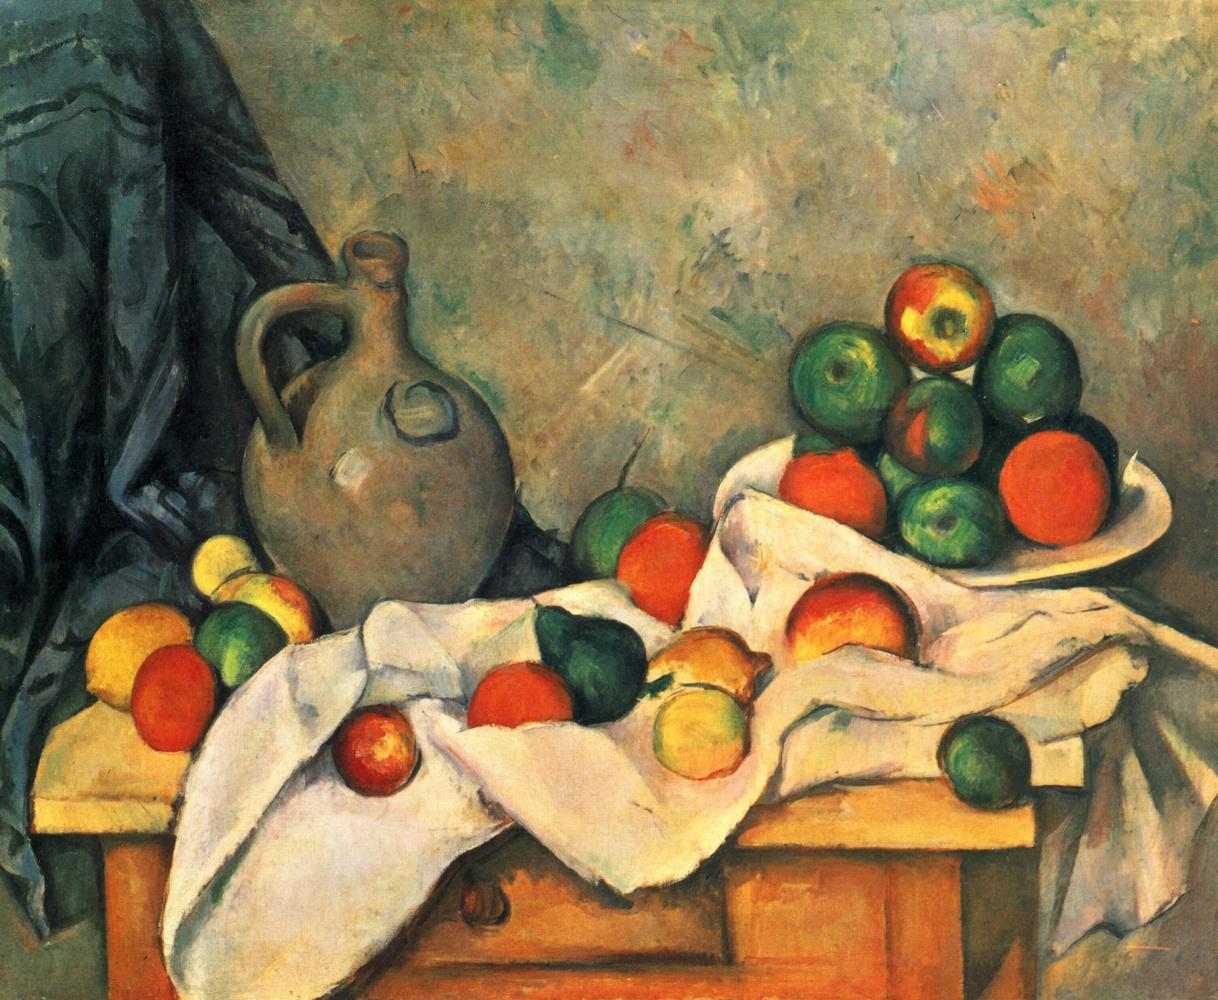 Поль Сезанн. Натюрморт с драпировкой, кувшином и вазой для фруктов